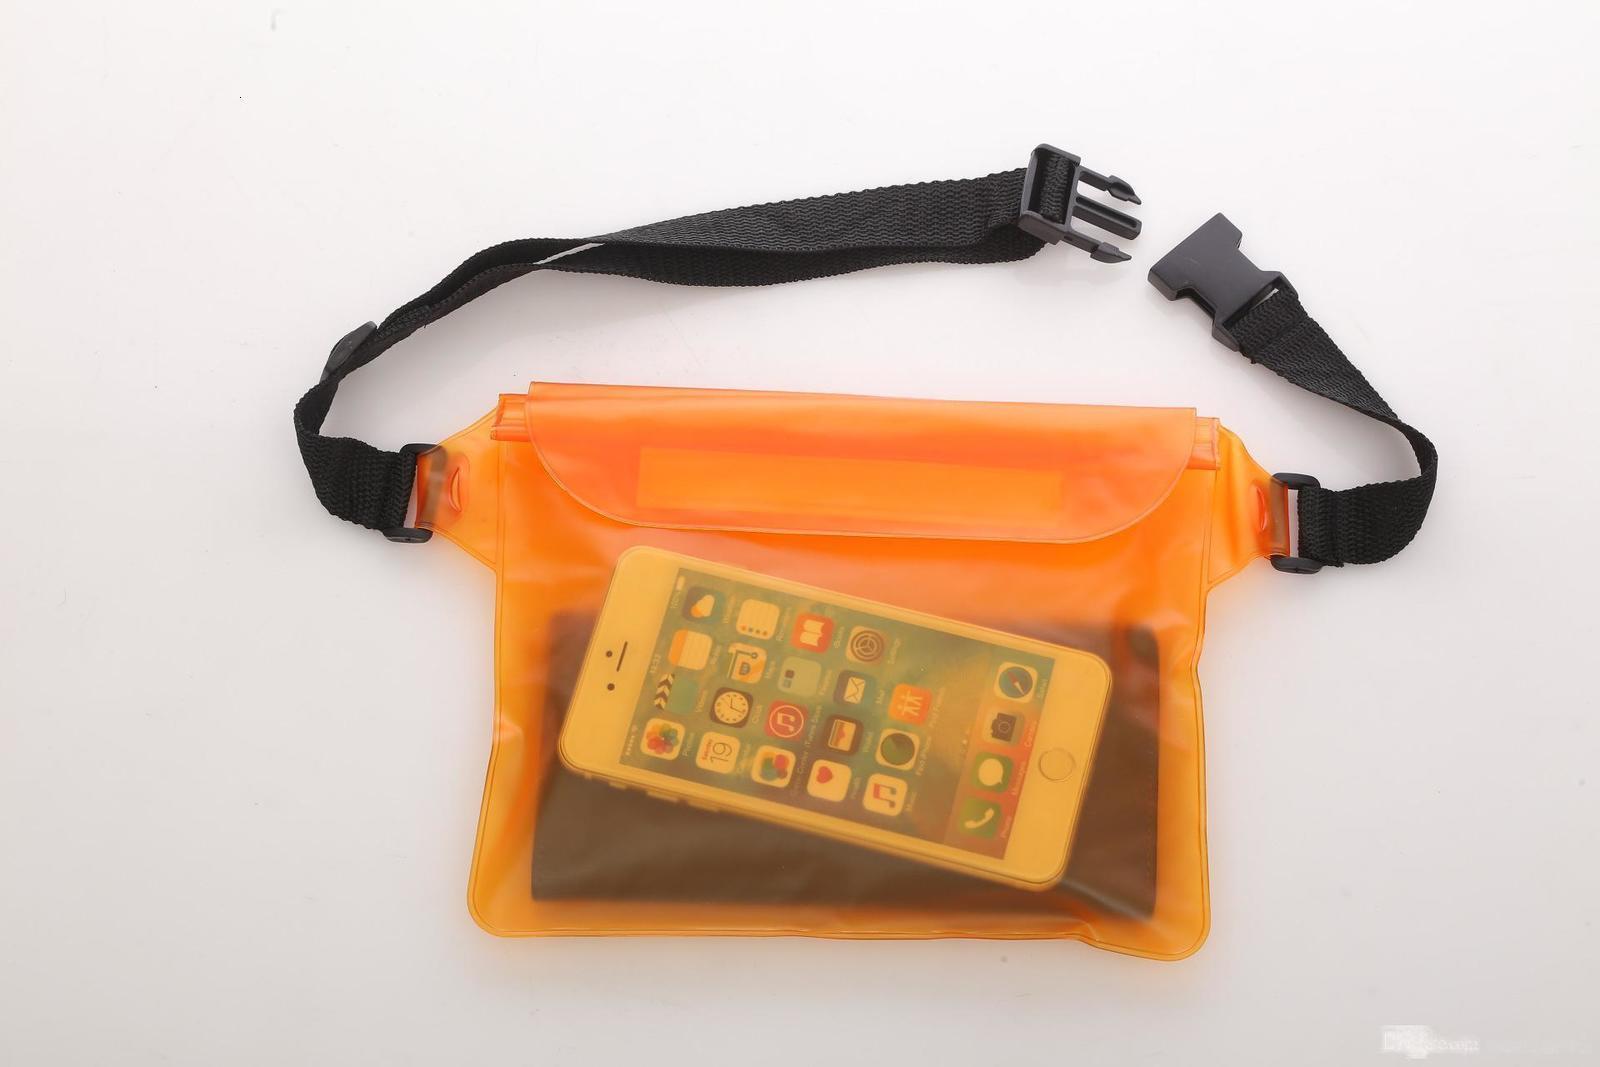 Taschentasche Trockenhülle Abdeckung Zelle Wasserdichte Telefon für Telefon x 7 8 SAM Sung S8 HTC und mehr Kostenloser Versand durch DHL